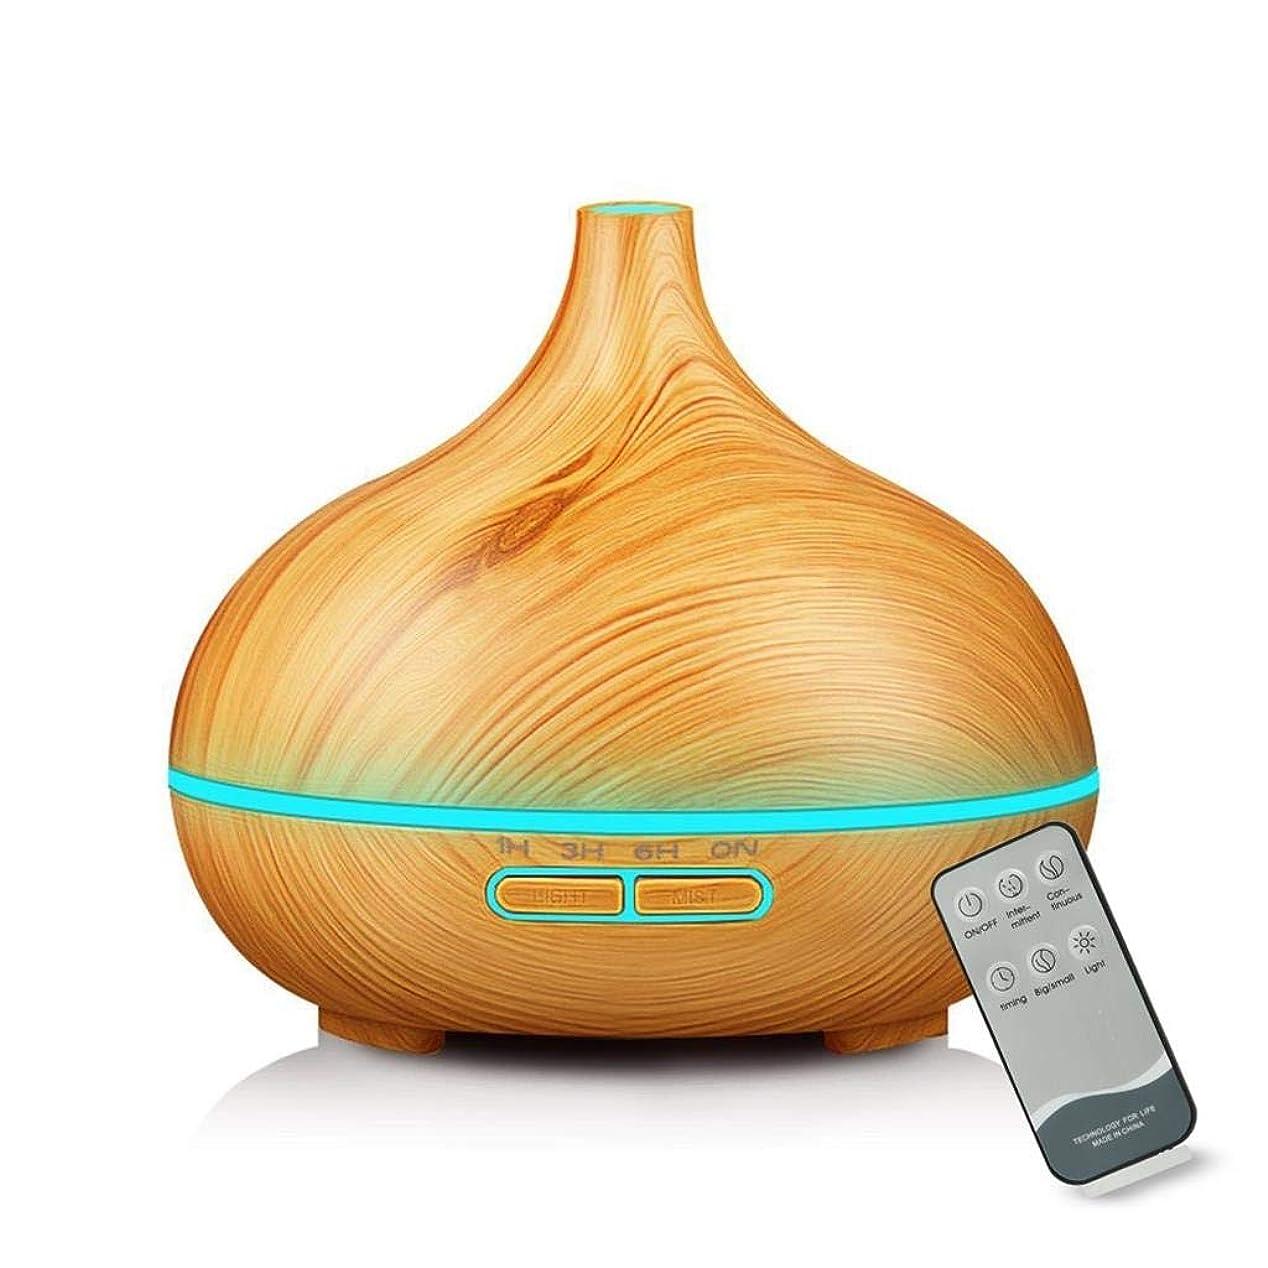 君主制バタフライ主導権エッセンシャルオイルディフューザー ミスト アロマ フレグランス 癒し リラックス 調光 LED 寝室 (Color : Light peach)